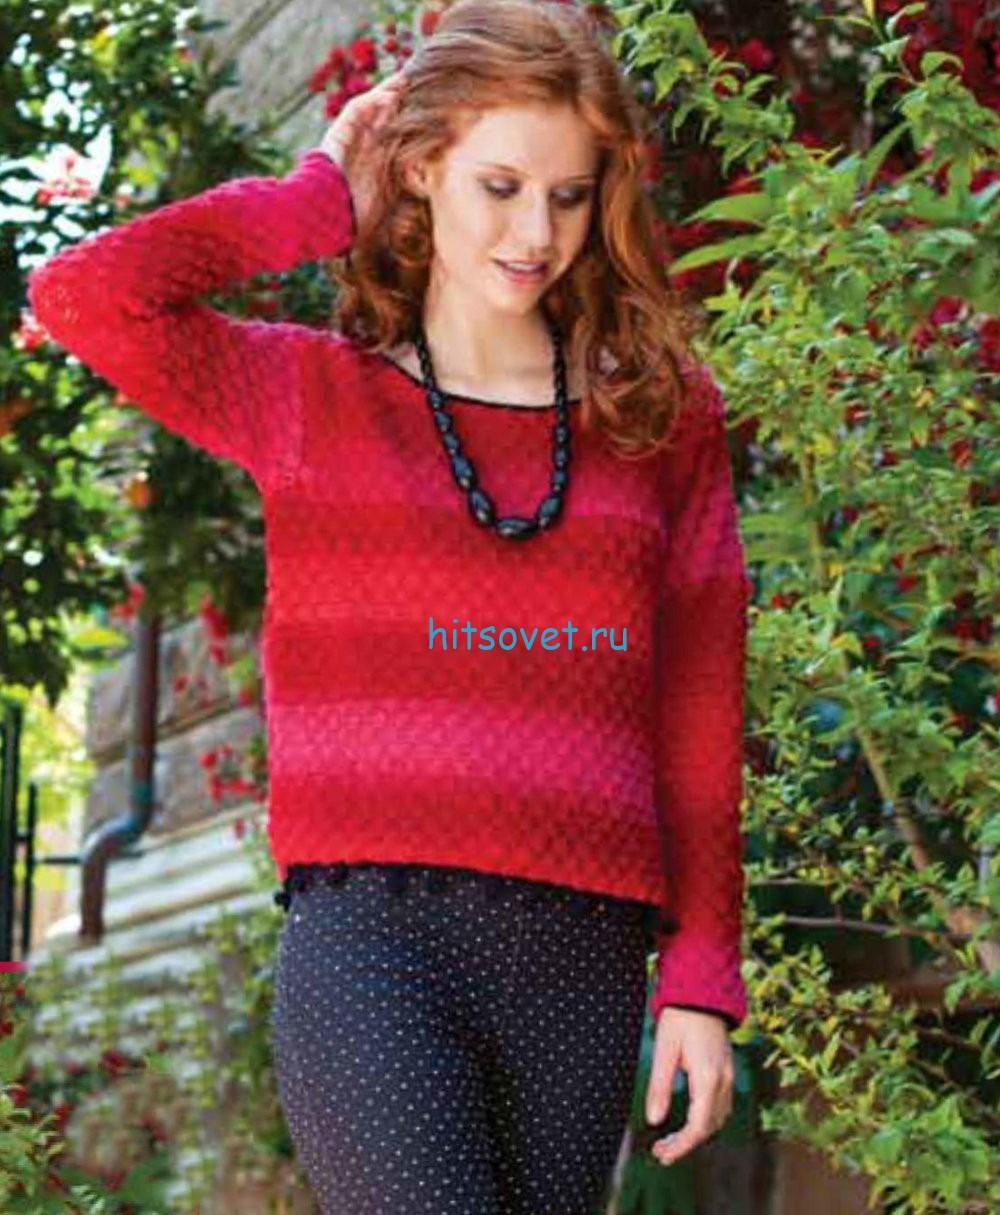 Малиновый пуловер крючком